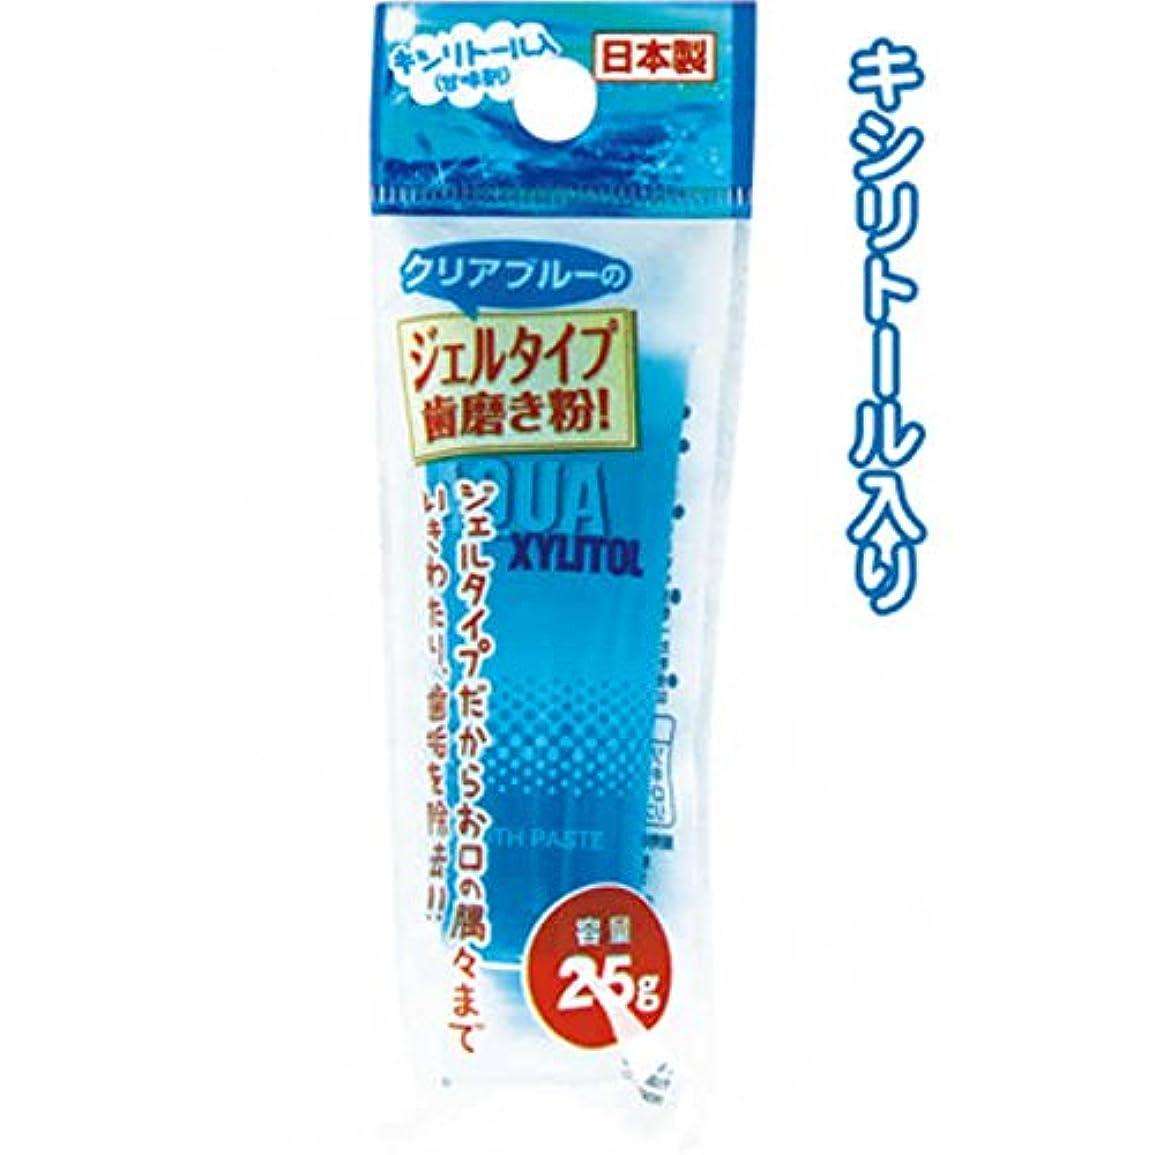 顧問ひそかに厳密にデンタルジェル(25g)日本製 japan 【まとめ買い12個セット】 41-096